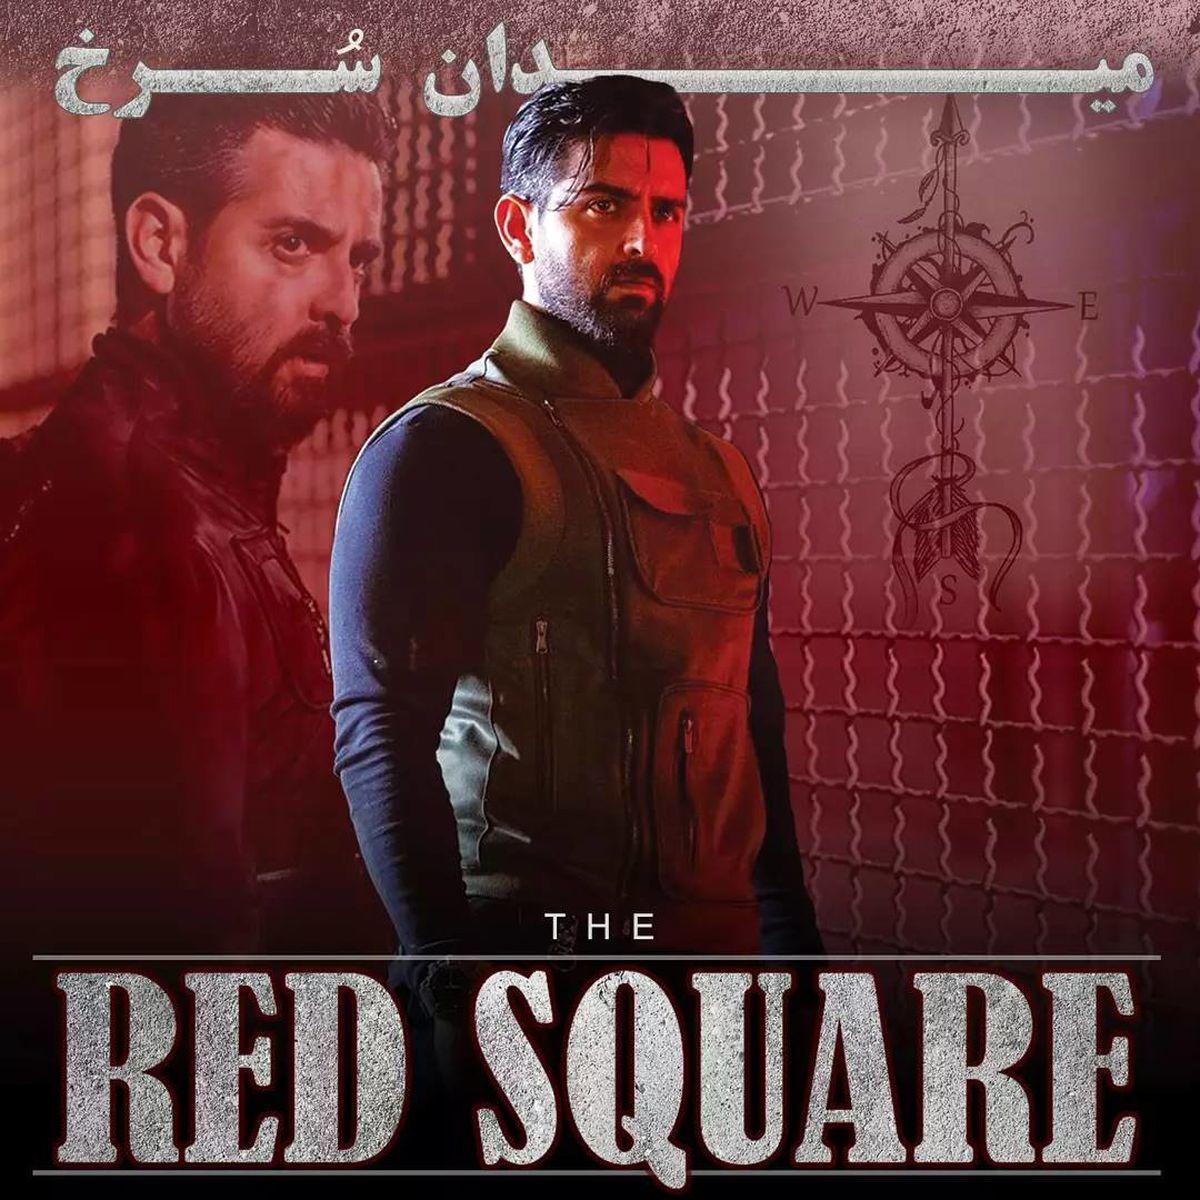 سریال میدان سرخ قسمت اول را جنجالی آغاز کرد   عکسهای بازیگران سریال میدان سرخ